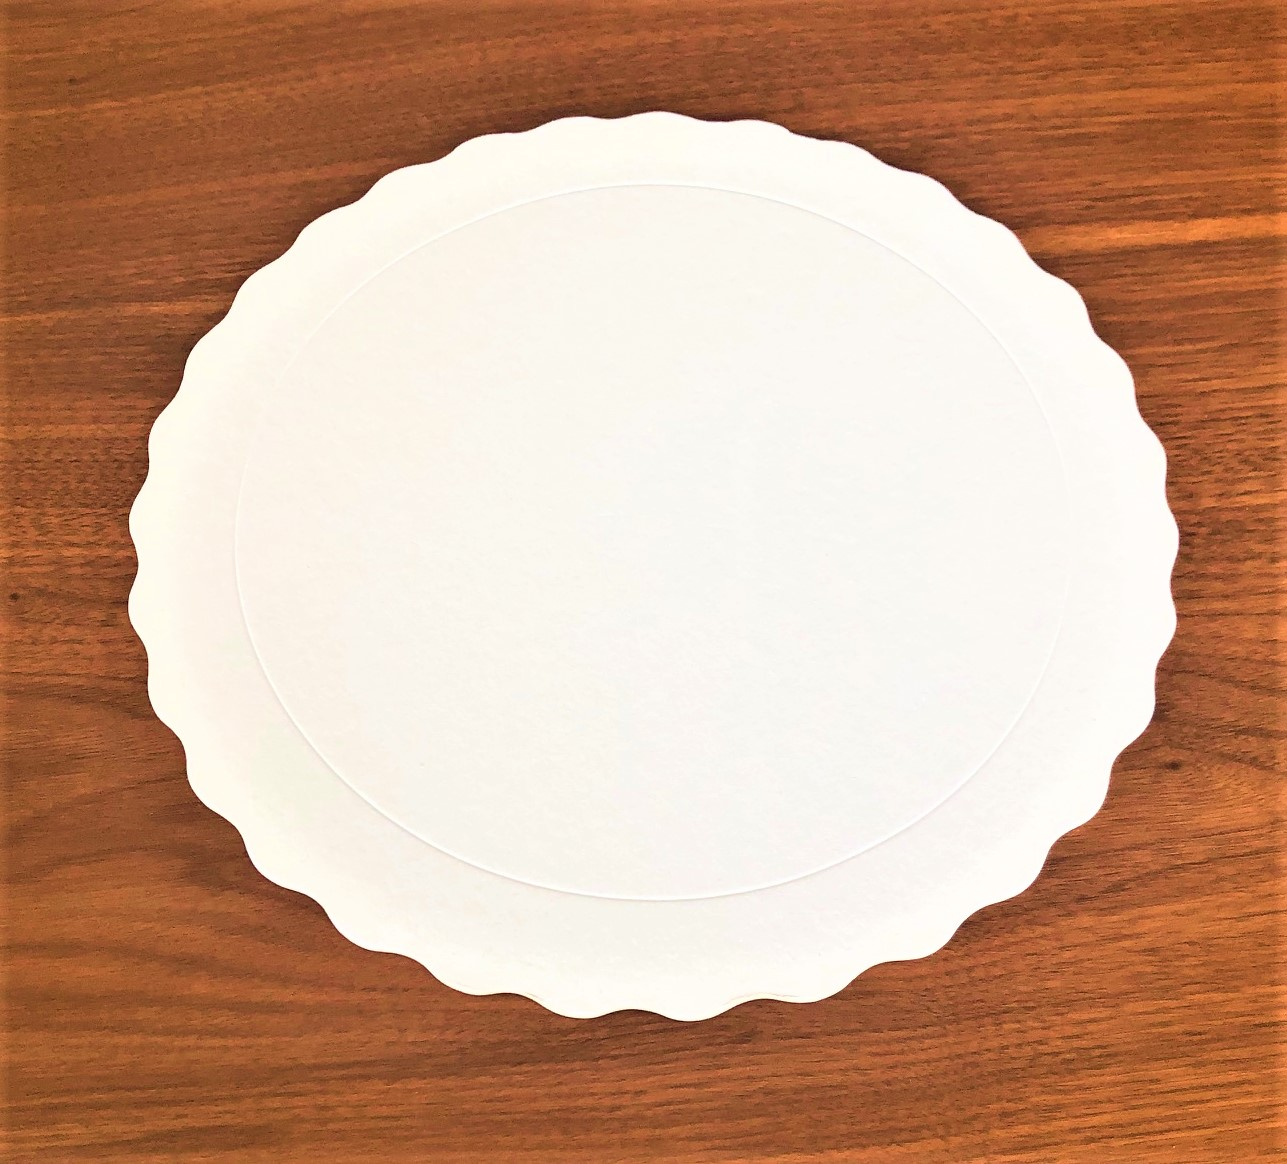 200 Bases Laminadas Para Bolo Redondo, Cake Board 23cm - Branco